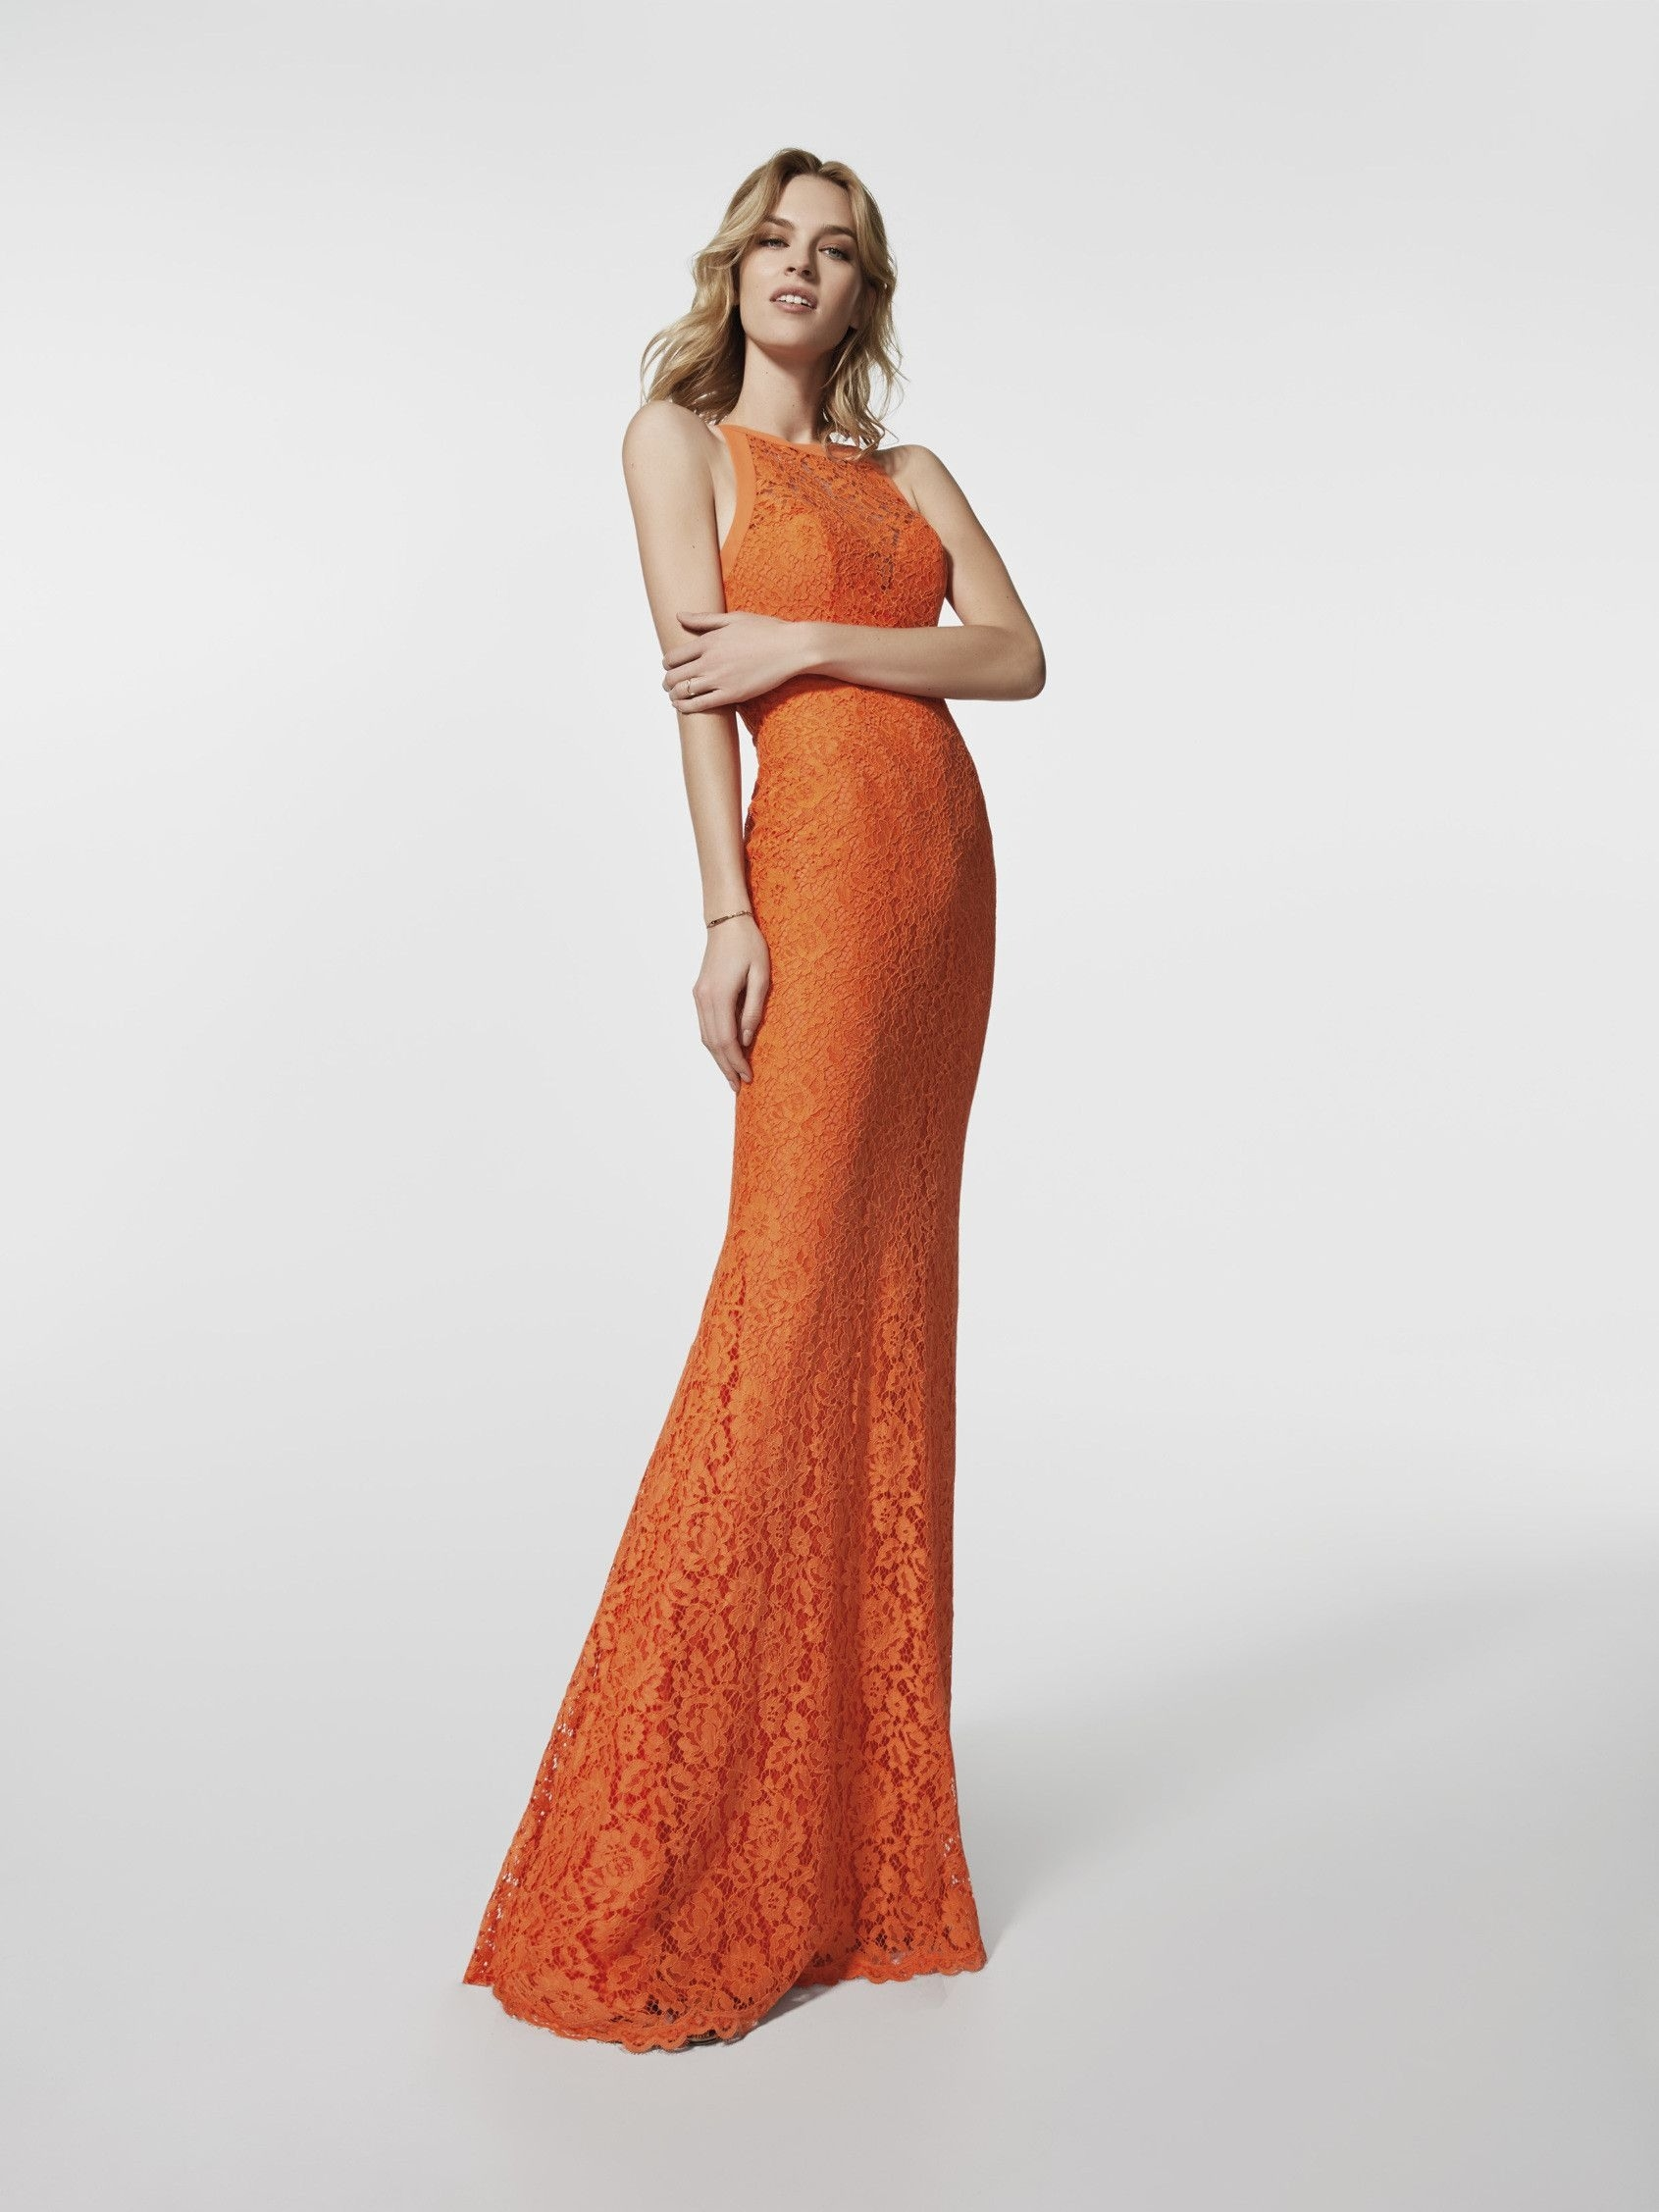 Formal Top Suche Abendkleid Für Hochzeit Design15 Spektakulär Suche Abendkleid Für Hochzeit Design